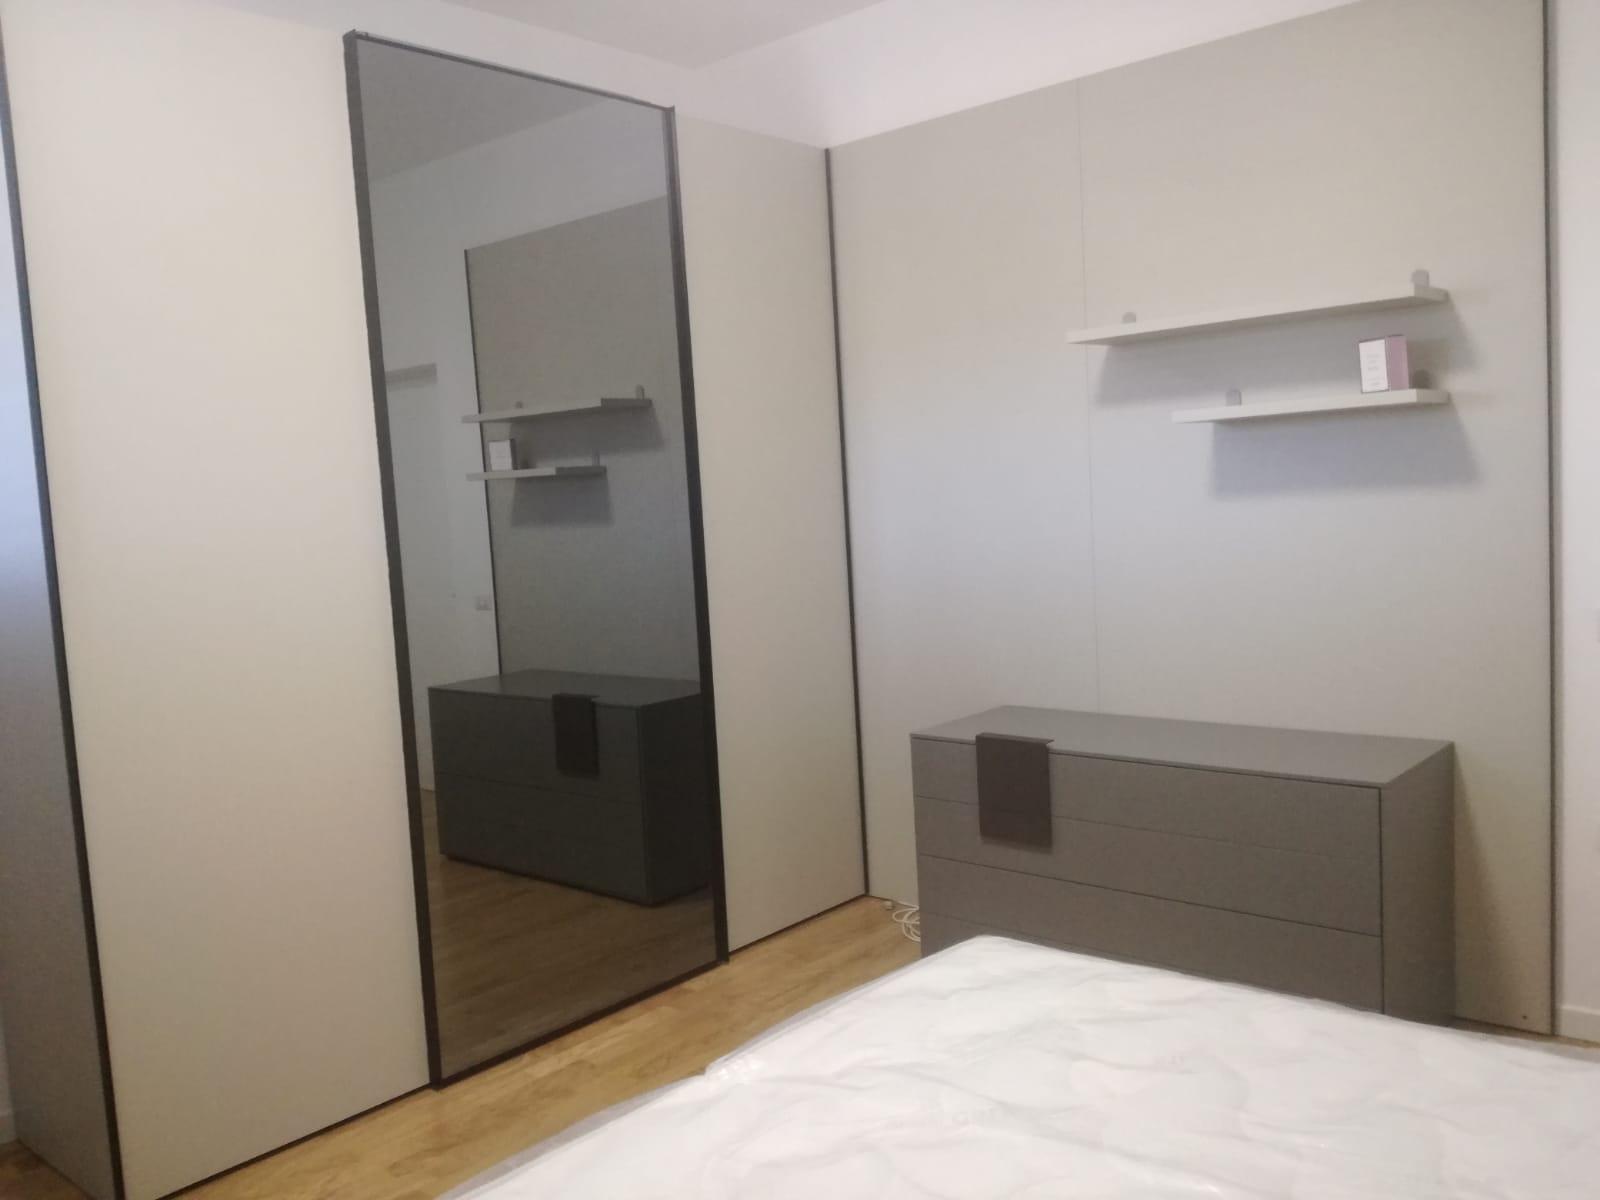 camera da letto novamobili realizzata a reggiano